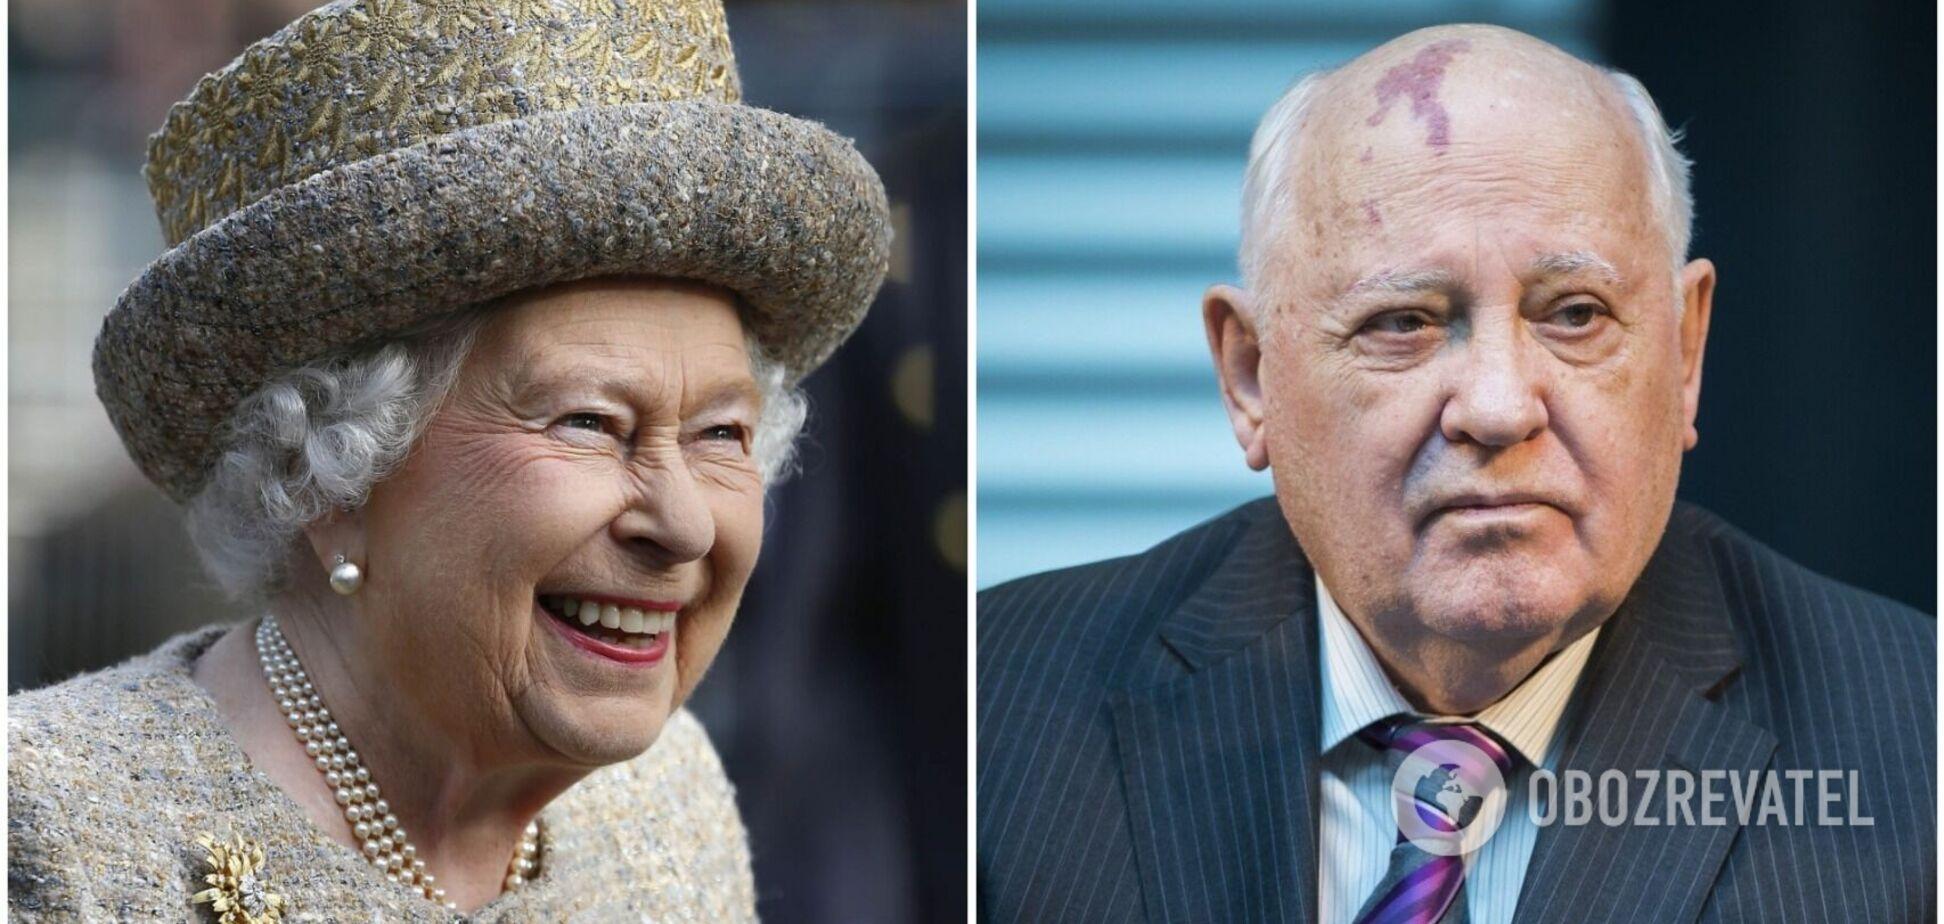 Горбачев, Елизавета II и другие лидеры-долгожители, которые перешагнули 80-летний рубеж